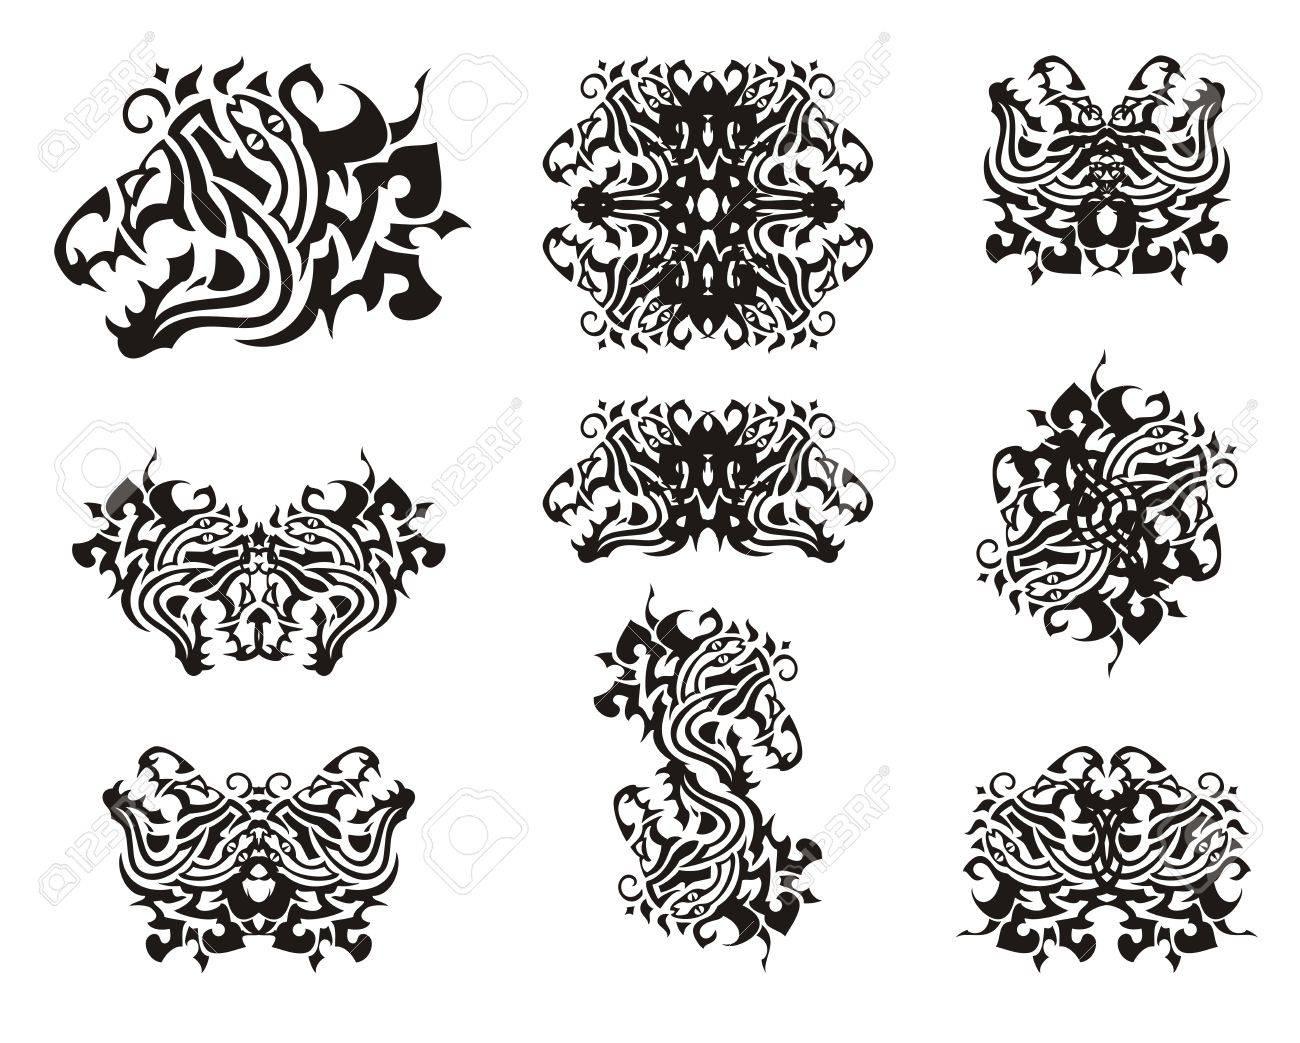 Símbolos Tribales De Cabezas De Dragón Tribales Peligrosa Cabeza De